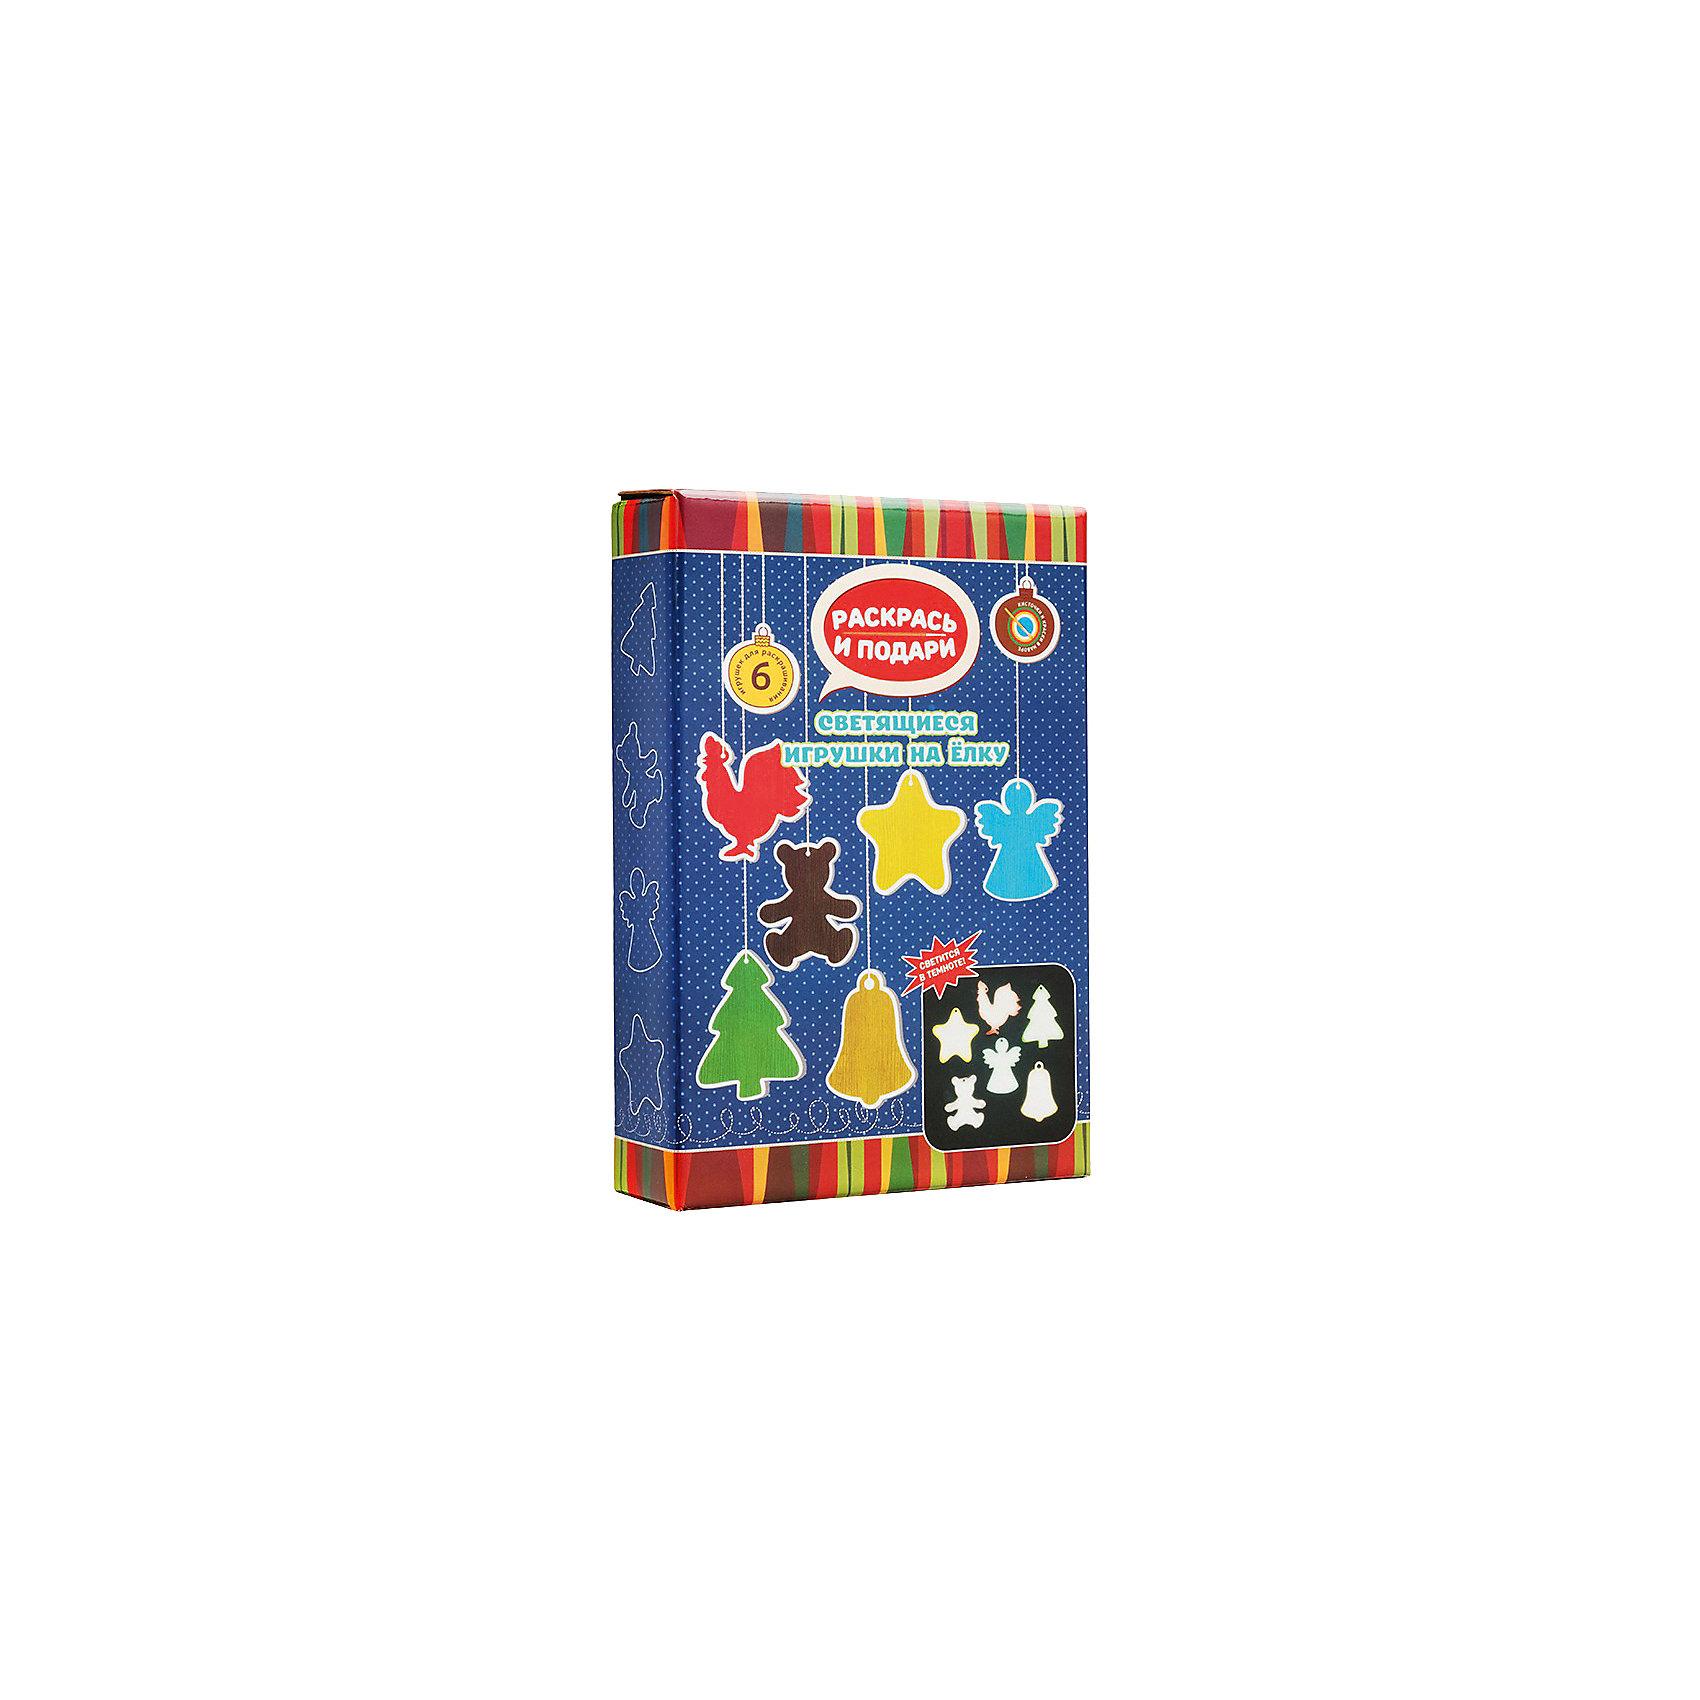 Набор для создания светящихся елочных игрушек Раскрась и подари БумбарамЁлочные игрушки<br>Набор Светящиеся игрушки на елку, Бумбарам.<br><br>Характеристики:<br><br>• новогодний сувенир своими руками<br>• краска легко наносится<br>• светятся в темноте<br>• подходит в качестве подарка<br>• материал: дерево, краска, пластик, клей<br>• в комплекте: елка, игрушки, краски (6 цветов), клей, светящееся вещество<br>• размер упаковки: 24х17х5 см<br>• вес: 250 грамм<br><br>Набор Светящиеся игрушки на елку прекрасно подойдет для детского творчества в преддверии Нового года. В процессе игры ребенку предстоит раскрасить все детали, покрыть их клеем, затем нанести специальное светящееся вещество и снова закрепить клеем. Игрушки будут светиться в темноте и ими будет приятно украсить новогоднюю елку. Подарите ребенку возможность сделать красивые игрушки своими руками!<br><br>Вы можете купить набор Светящиеся игрушки на елку, Бумбарам в нашем интернет-магазине.<br><br>Ширина мм: 245<br>Глубина мм: 165<br>Высота мм: 50<br>Вес г: 250<br>Возраст от месяцев: 72<br>Возраст до месяцев: 144<br>Пол: Унисекс<br>Возраст: Детский<br>SKU: 5054030